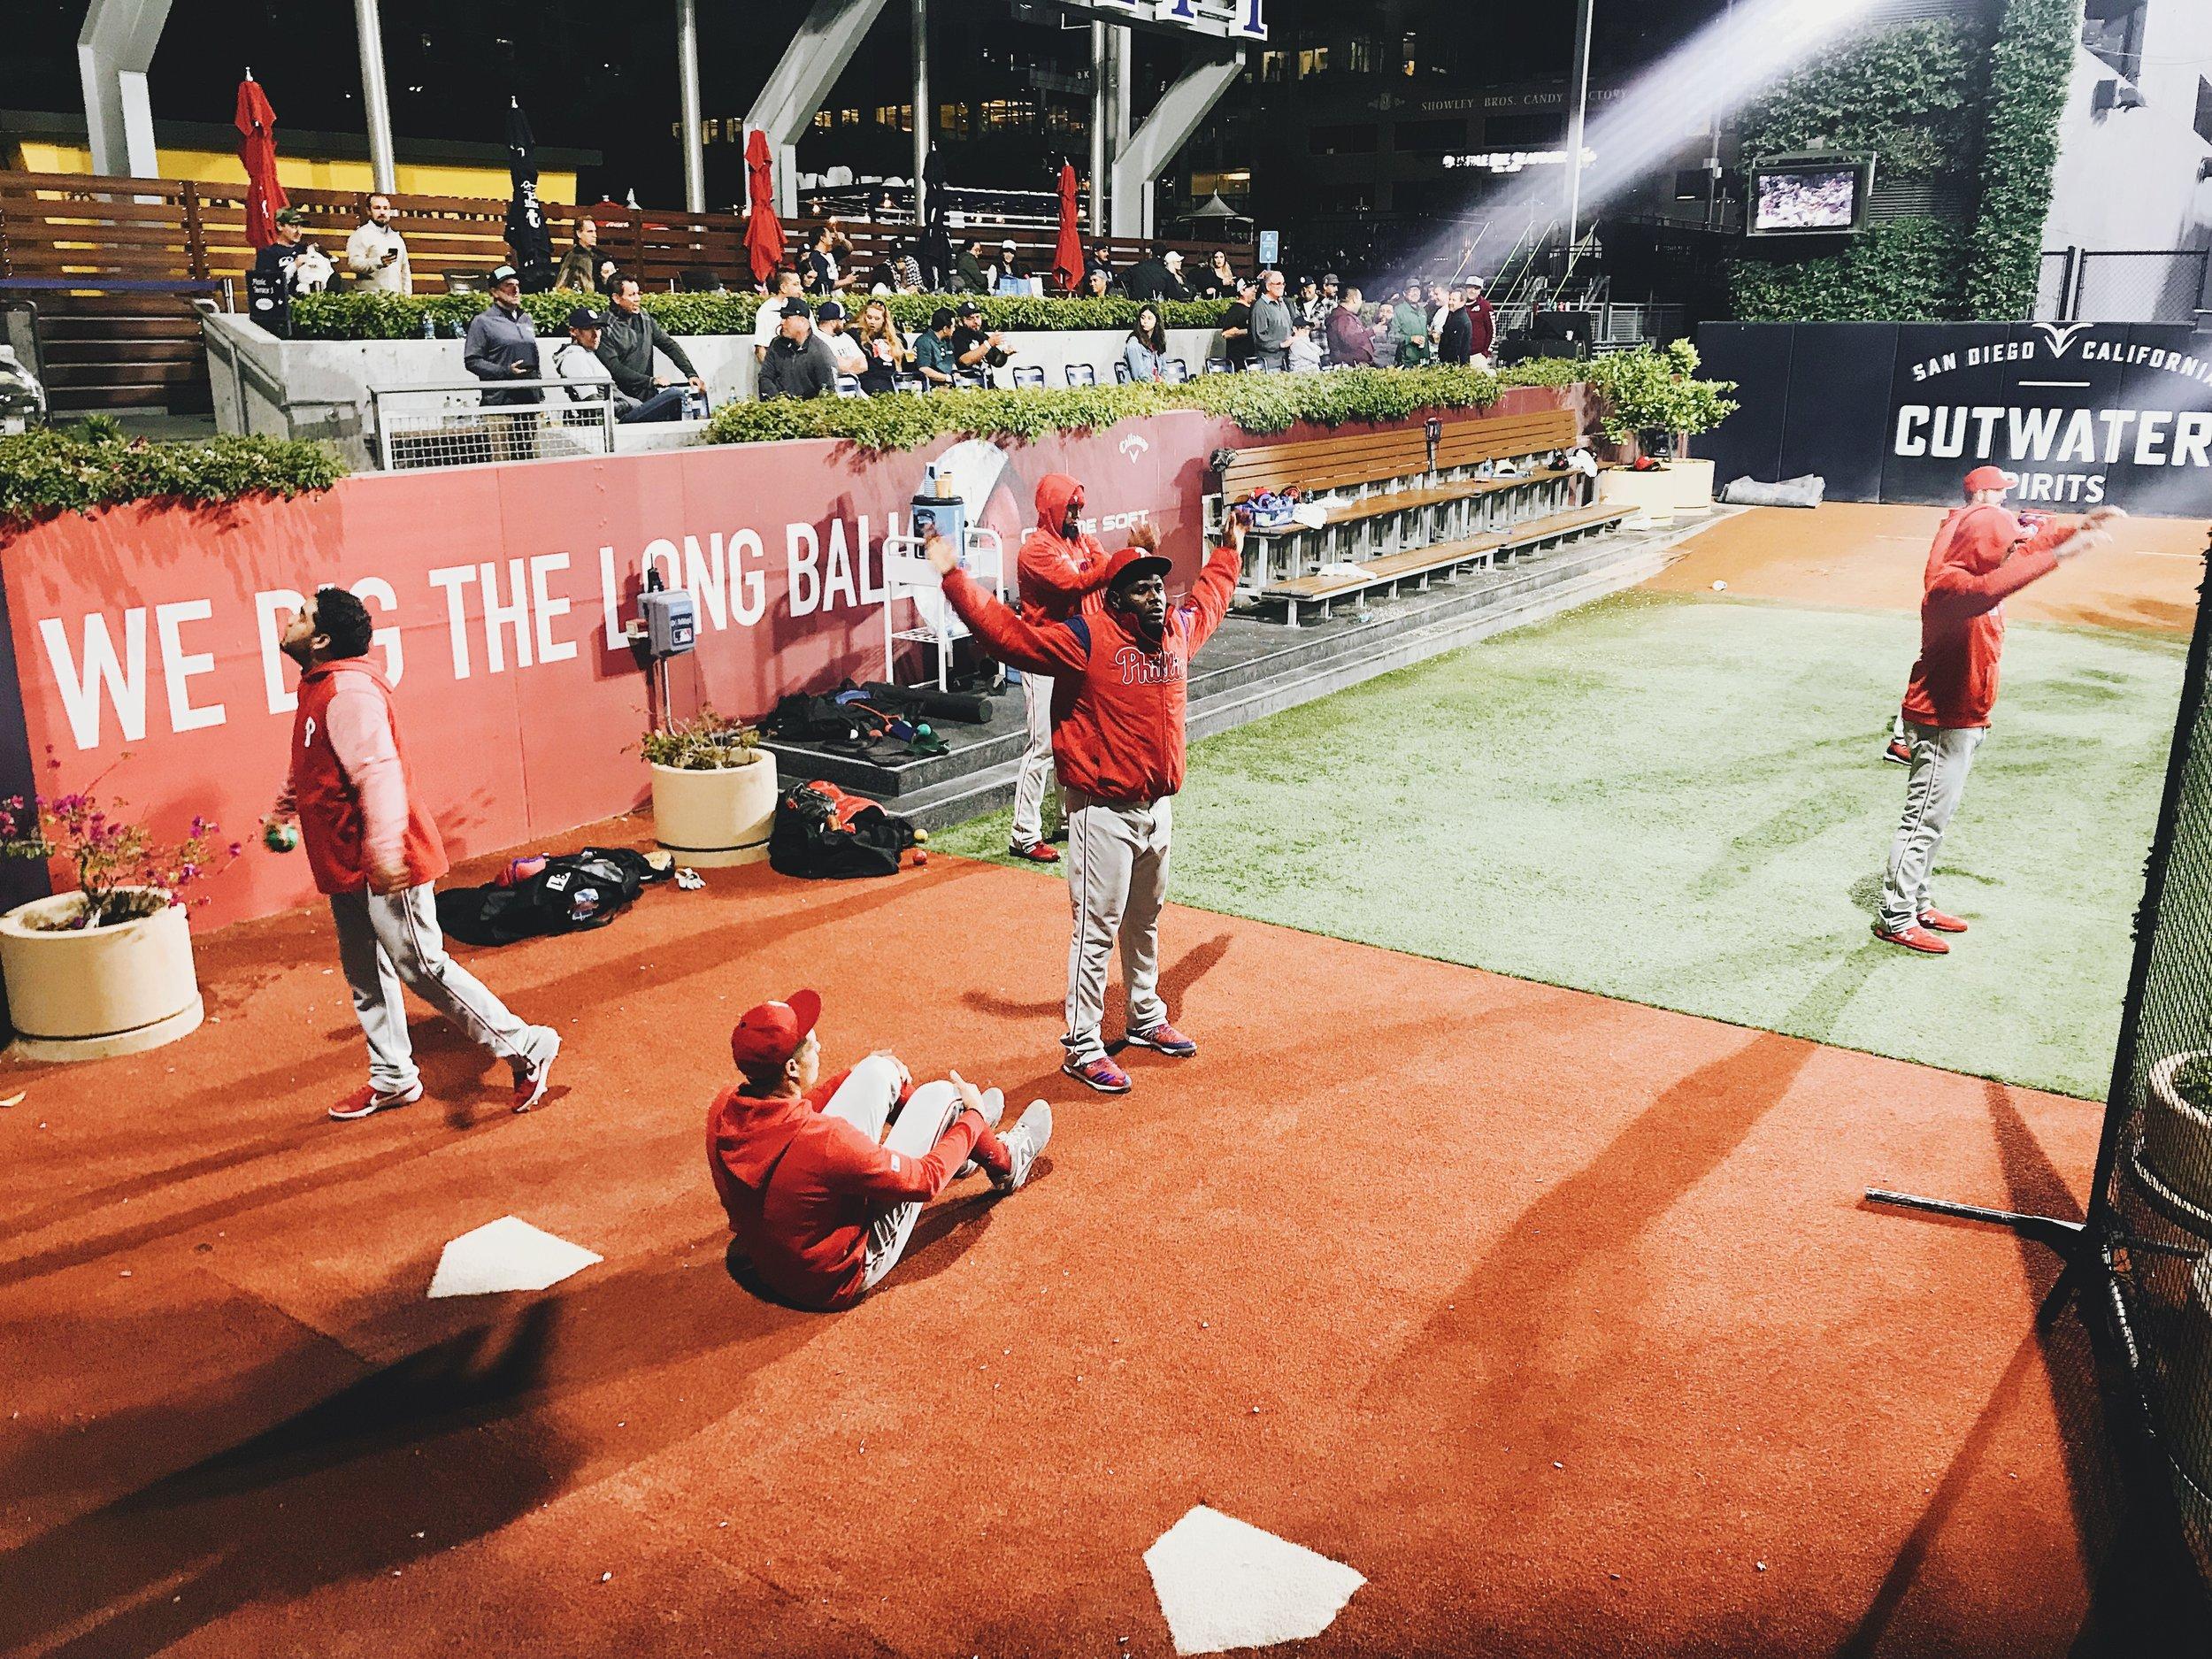 07 The Phillies Bullpen.JPG